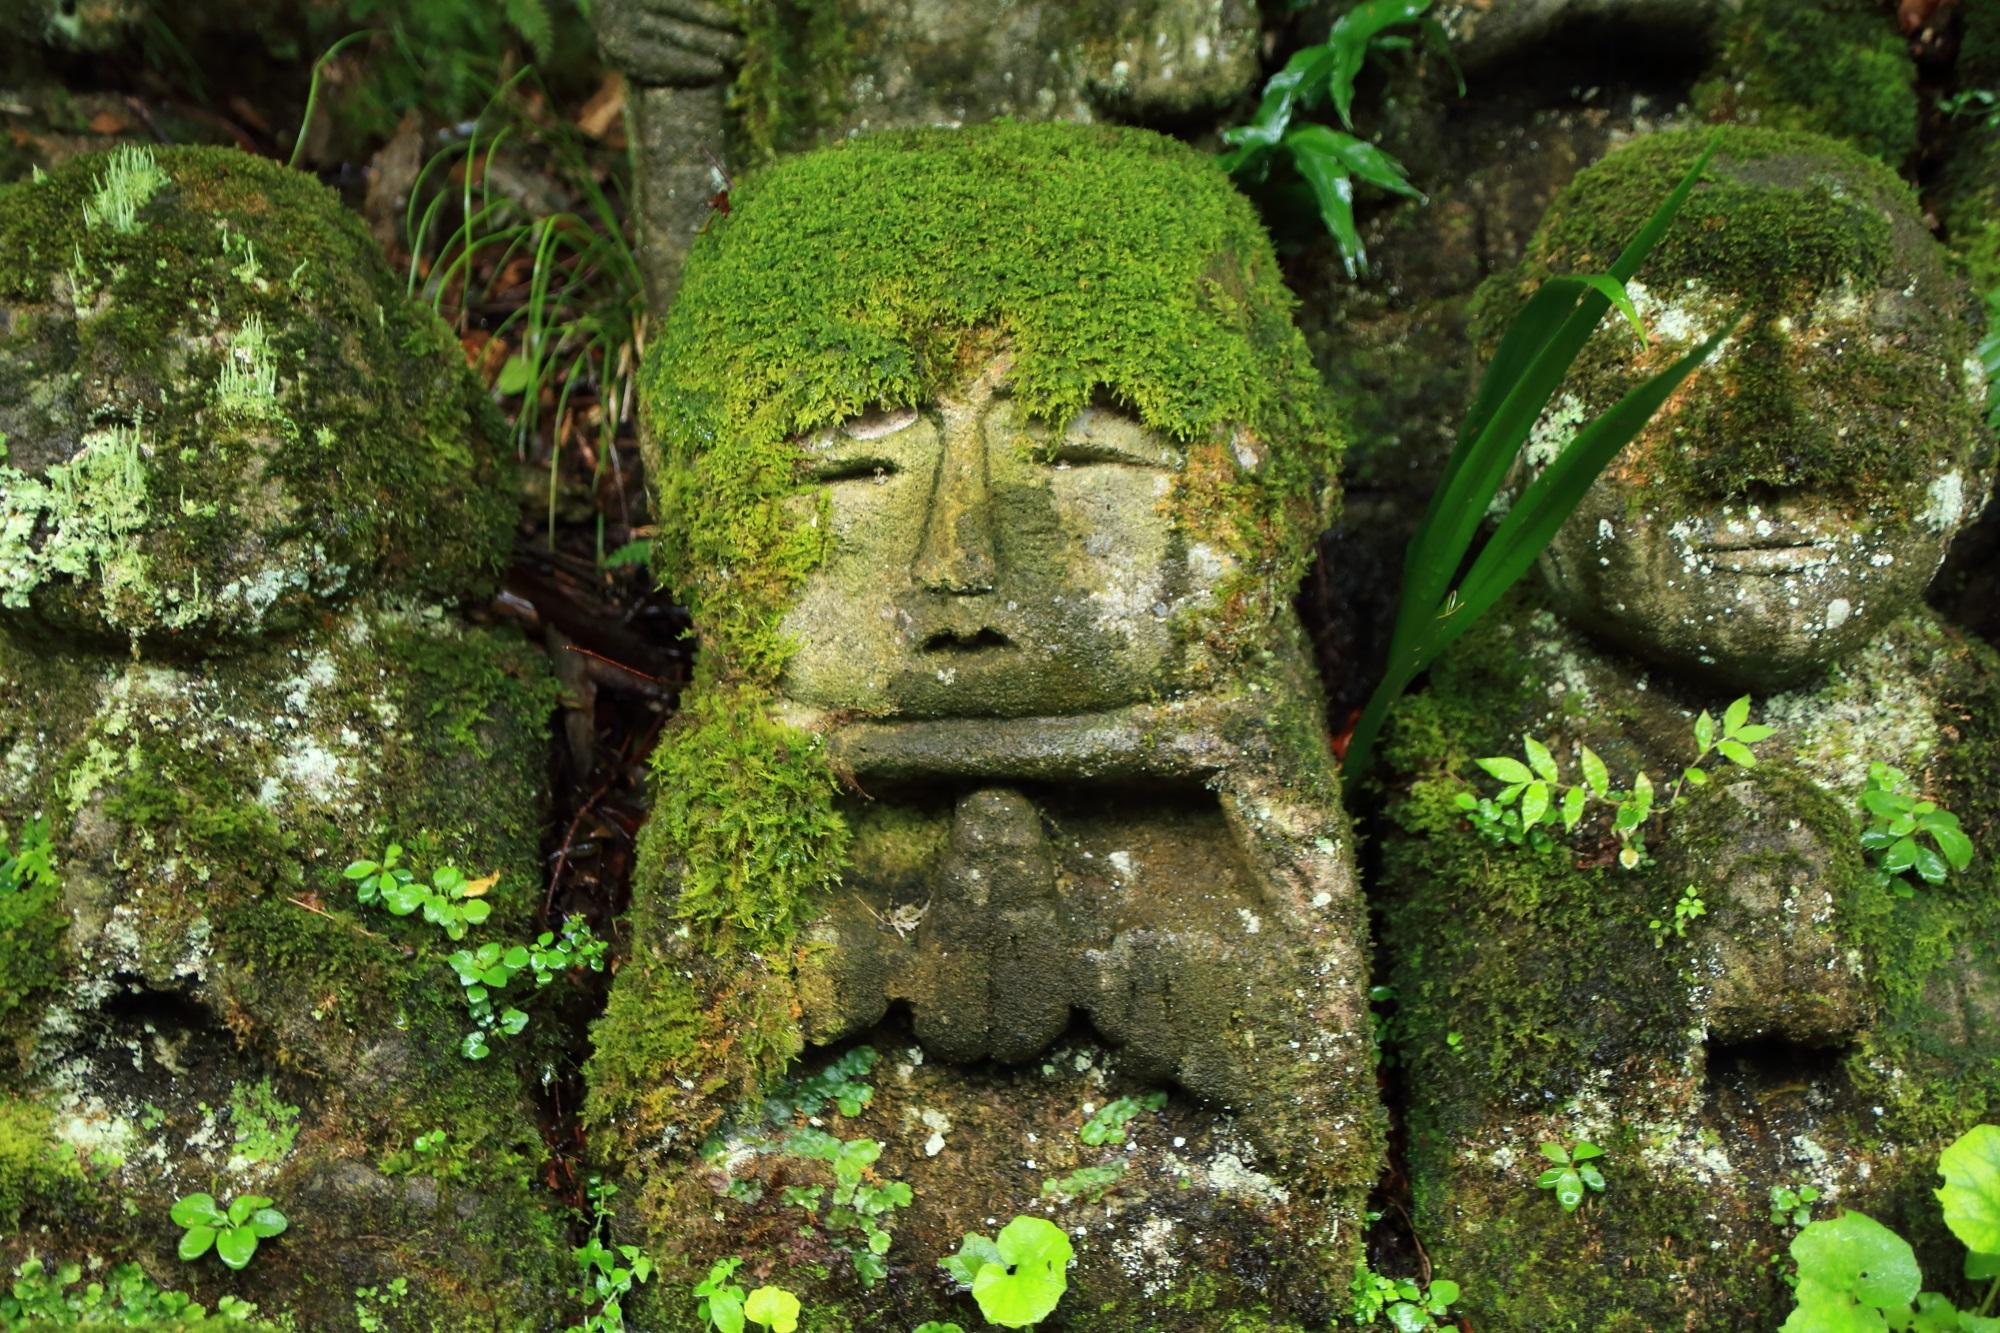 愛宕念仏寺の堪忍しての千二百羅漢